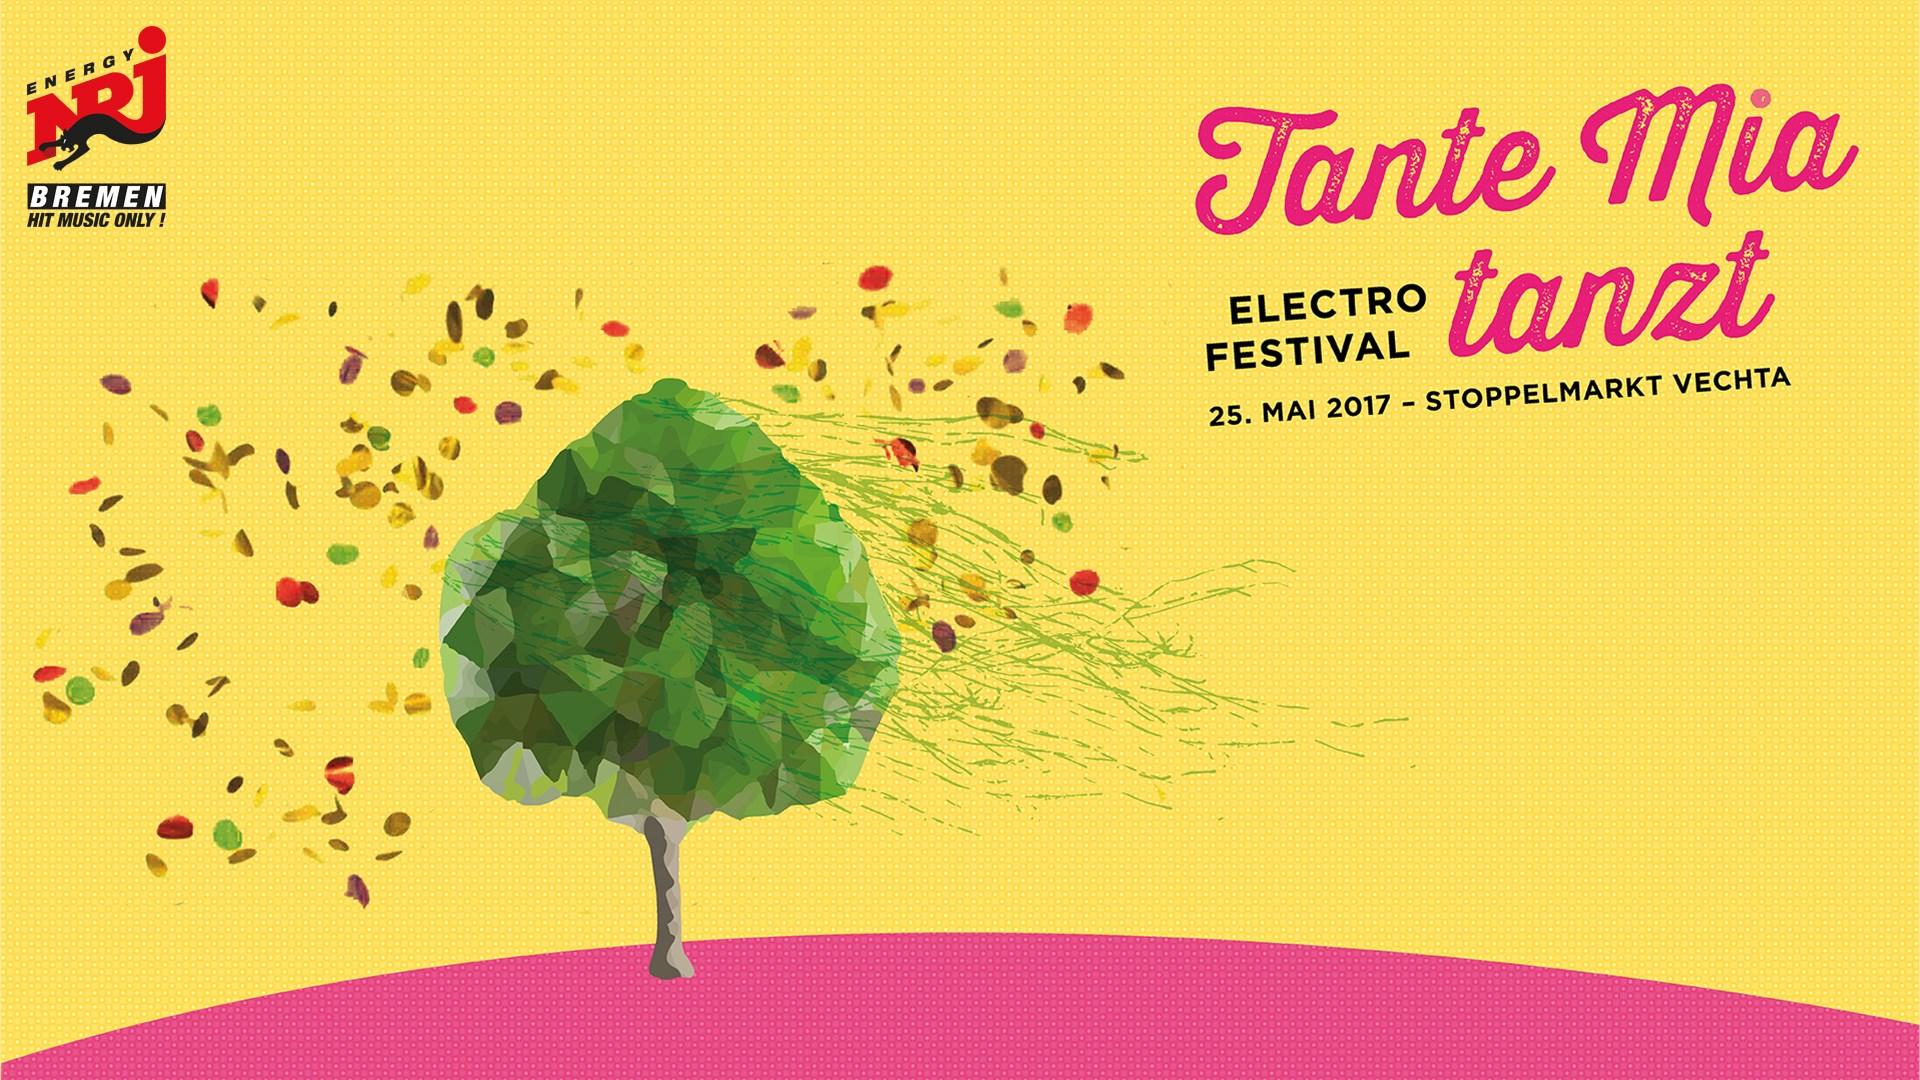 25.5.2017 - Tante Mia Tanzt Festival [Vechta]